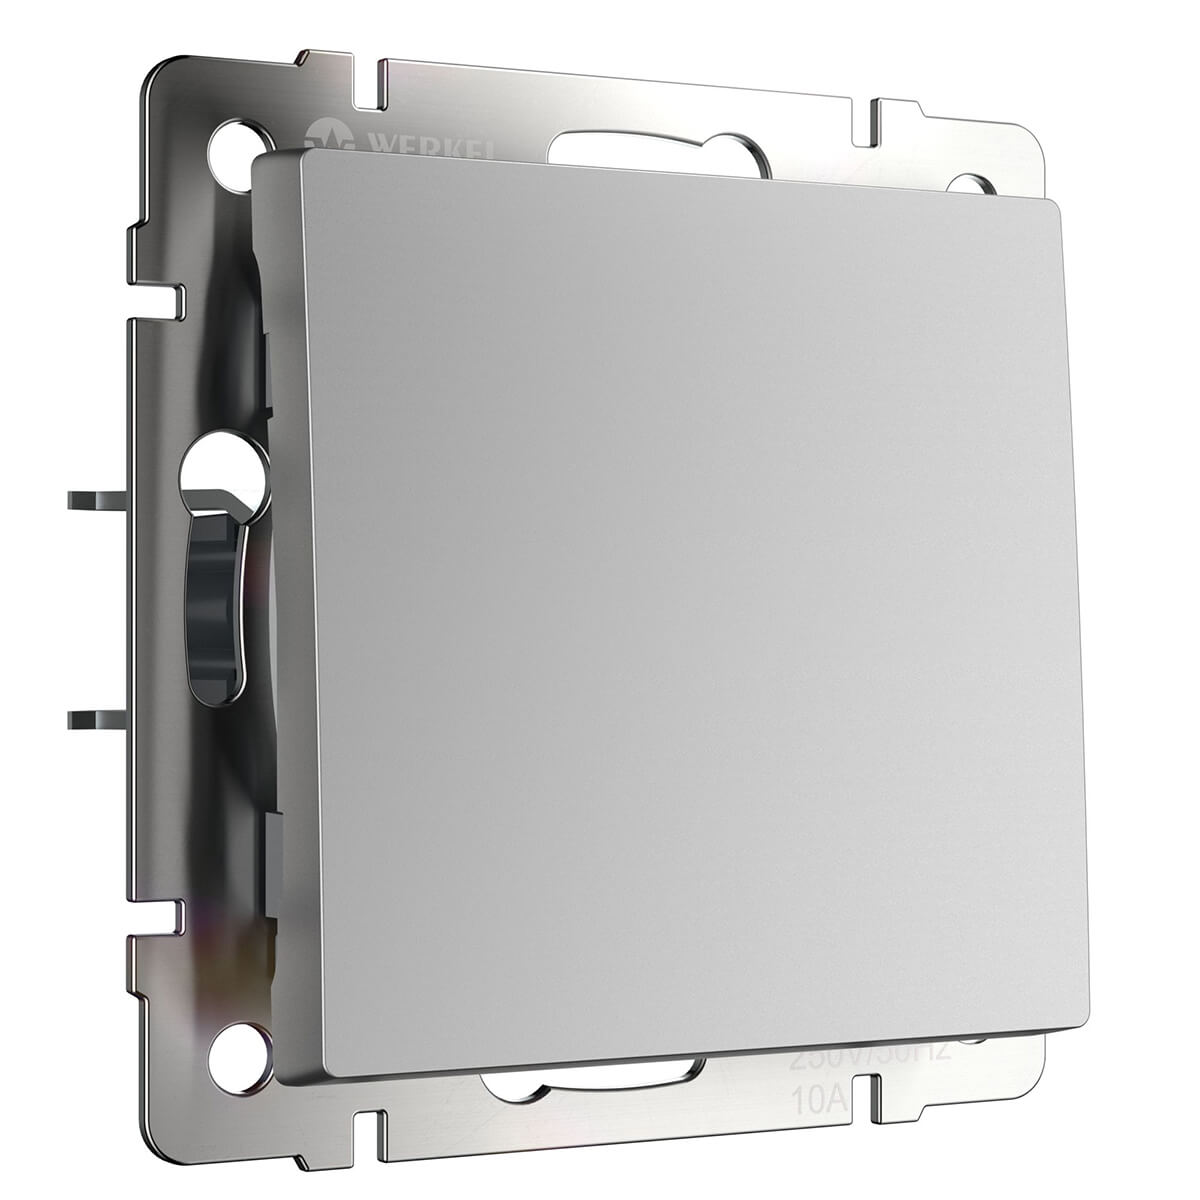 Выключатель одноклавишный серебряный WL06-SW-1G 4690389053818 перекрестный переключатель одноклавишный серебряный wl06 sw 1g c 4690389073595